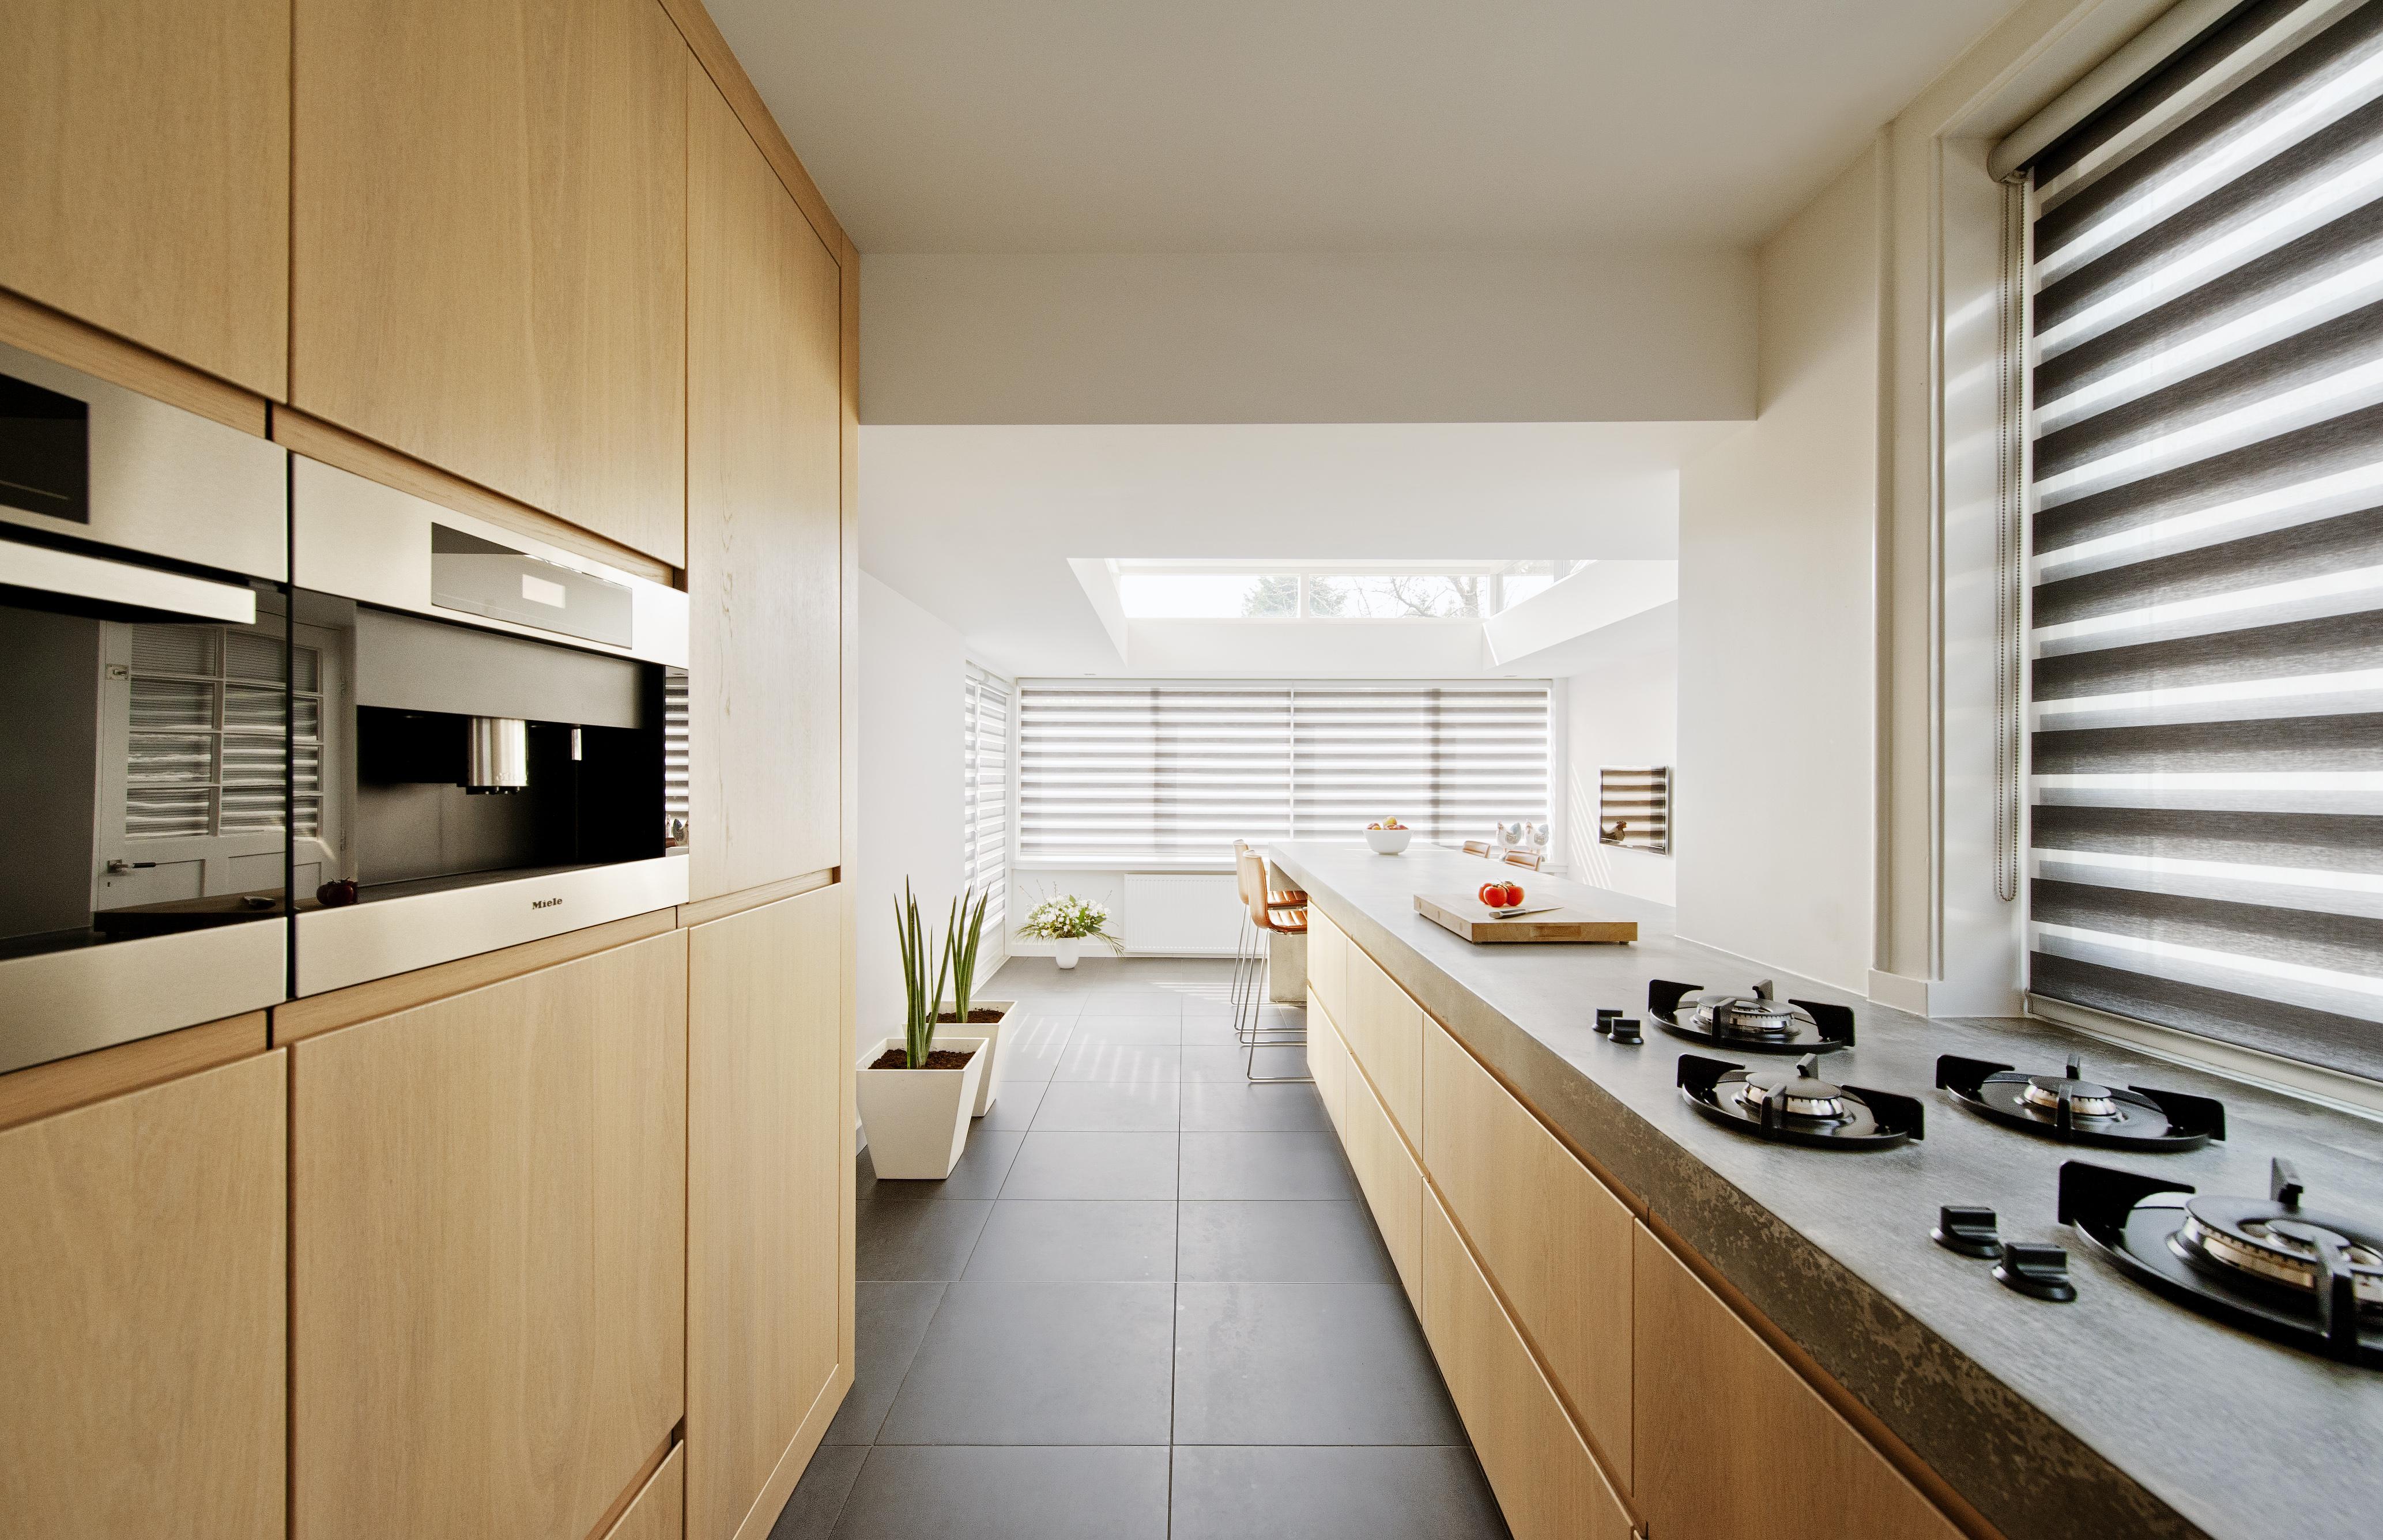 Ontwerp voor moderne keuken met betonnen aanrecht in eenjaren 30 villa in Naarden door architectenbureau Maxim Winkelaar uit Amsterdam.